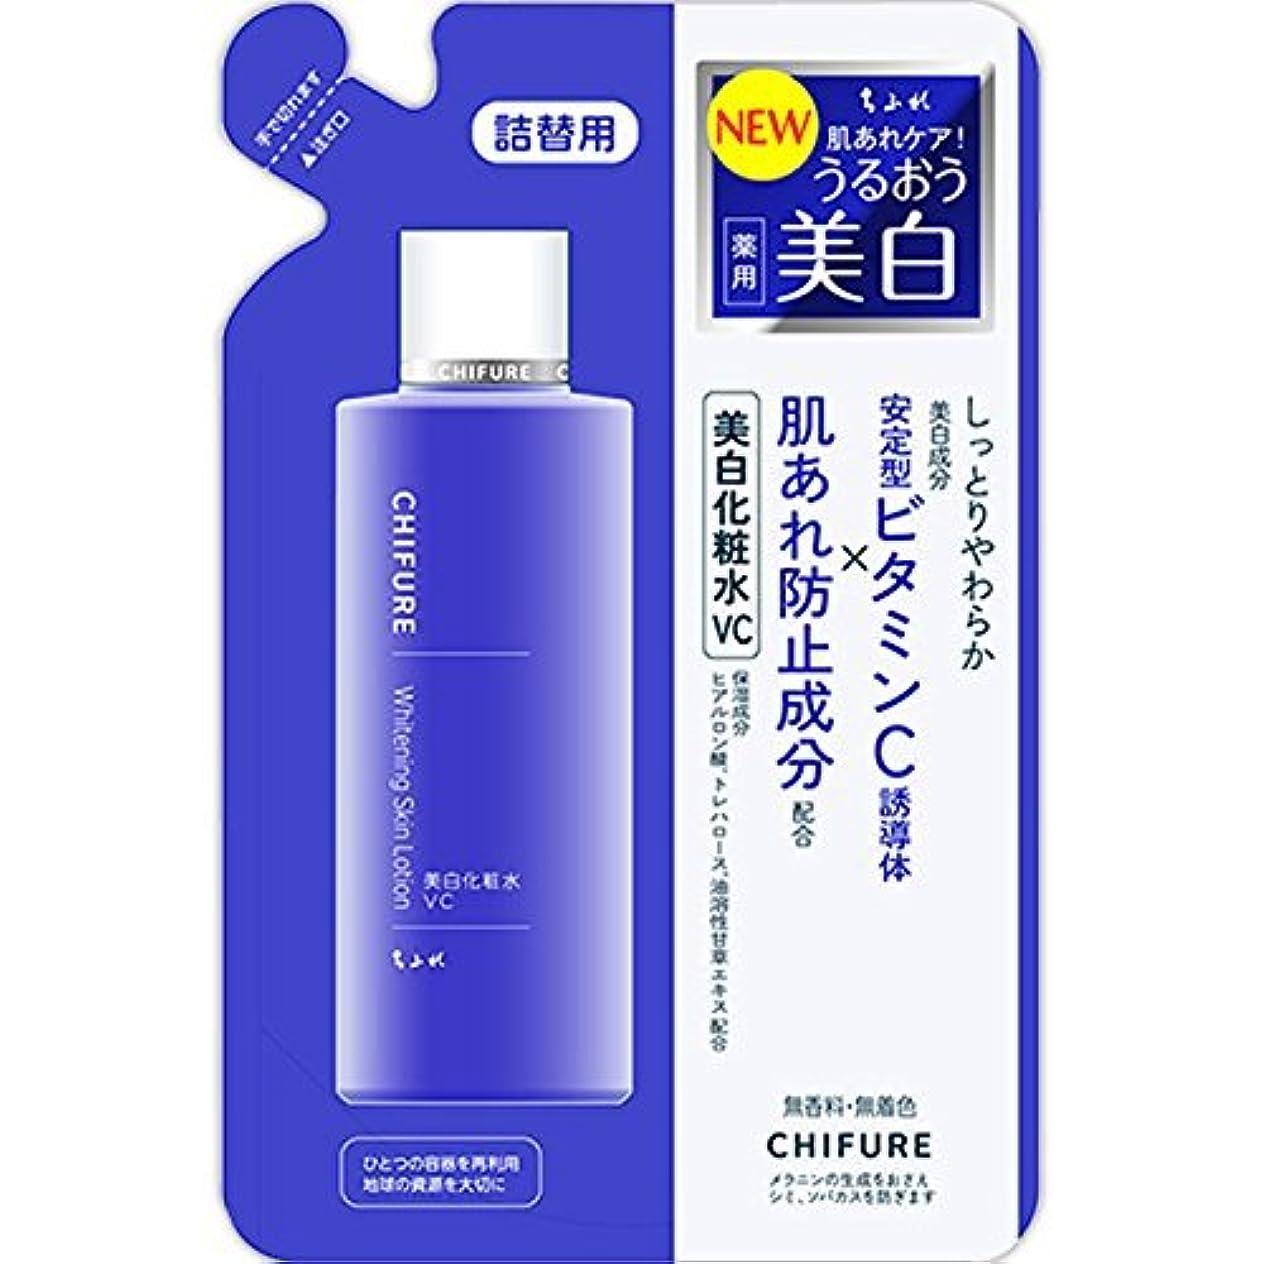 ベッド生モンスターちふれ化粧品 美白化粧水 VC 詰替 180ML (医薬部外品)